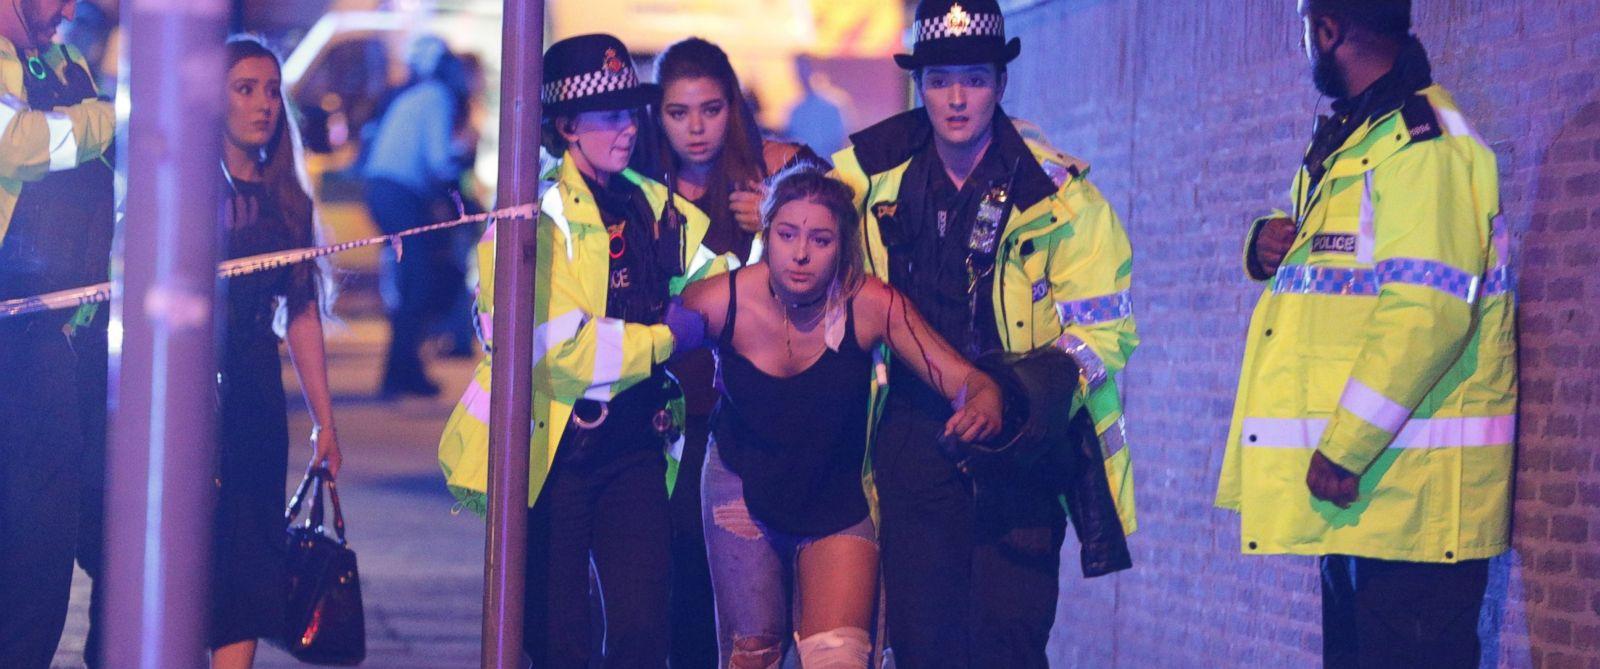 Identificado Salman Abedi como el autor del atentado en Manchester